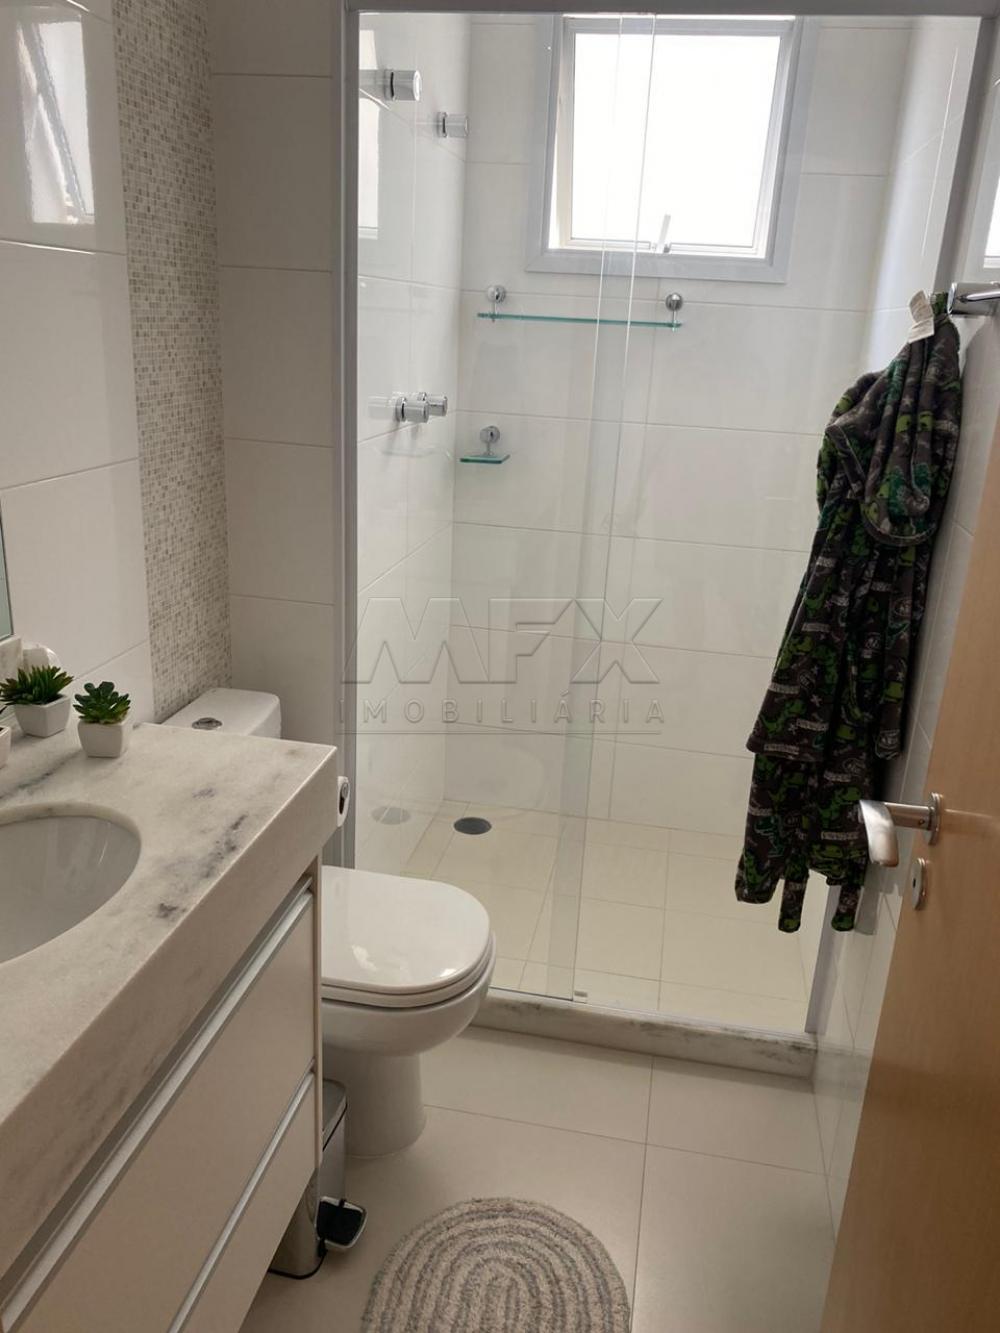 Comprar Apartamento / Padrão em Bauru R$ 580.000,00 - Foto 12